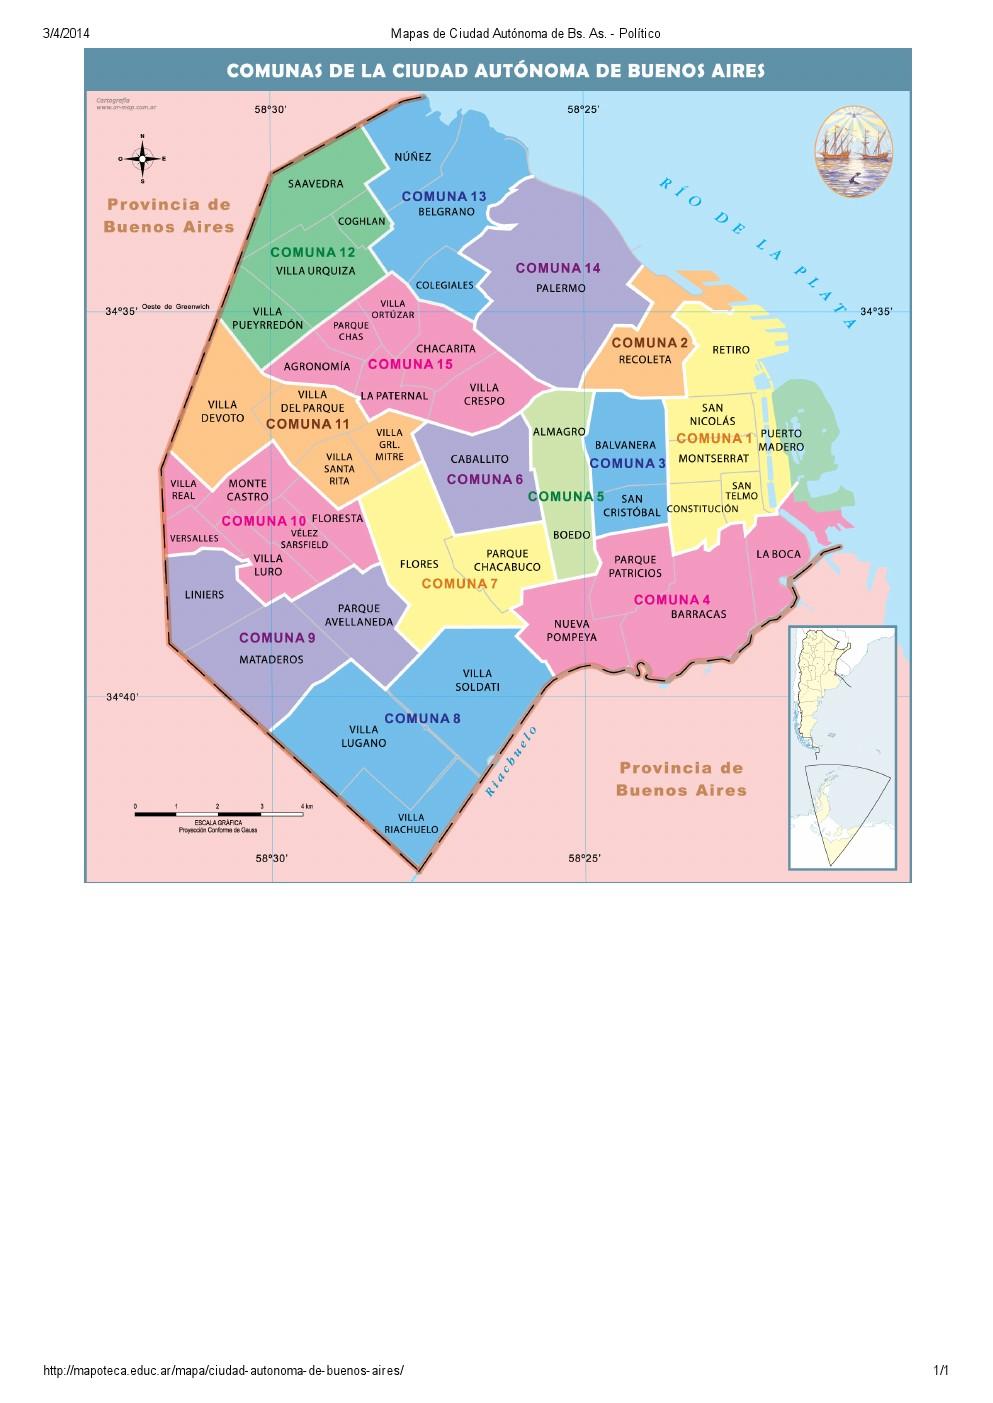 Mapa de comunas de la ciudad de Buenos Aires. Mapoteca de Educ.ar